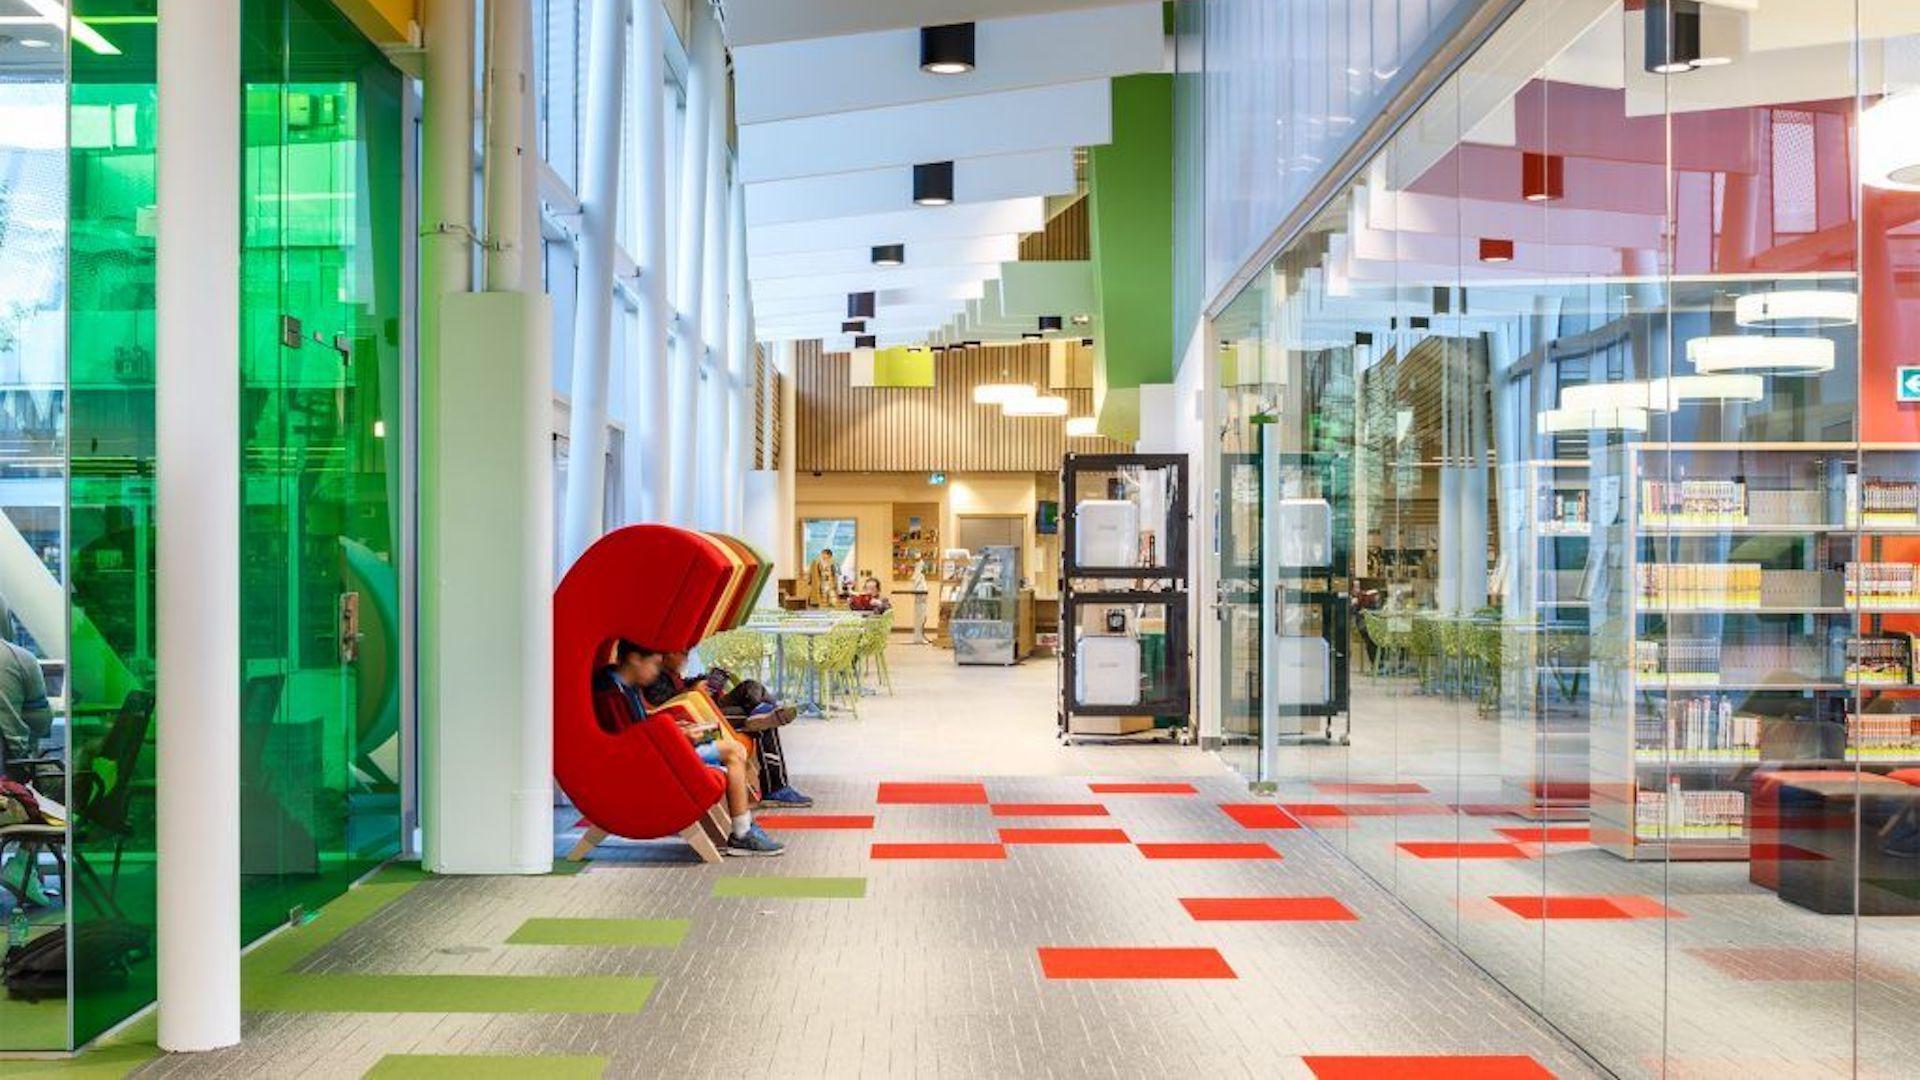 La nueva biblioteca pública de Toronto sorprende por su diseño, colores, espacios llenos de luz y tecnología